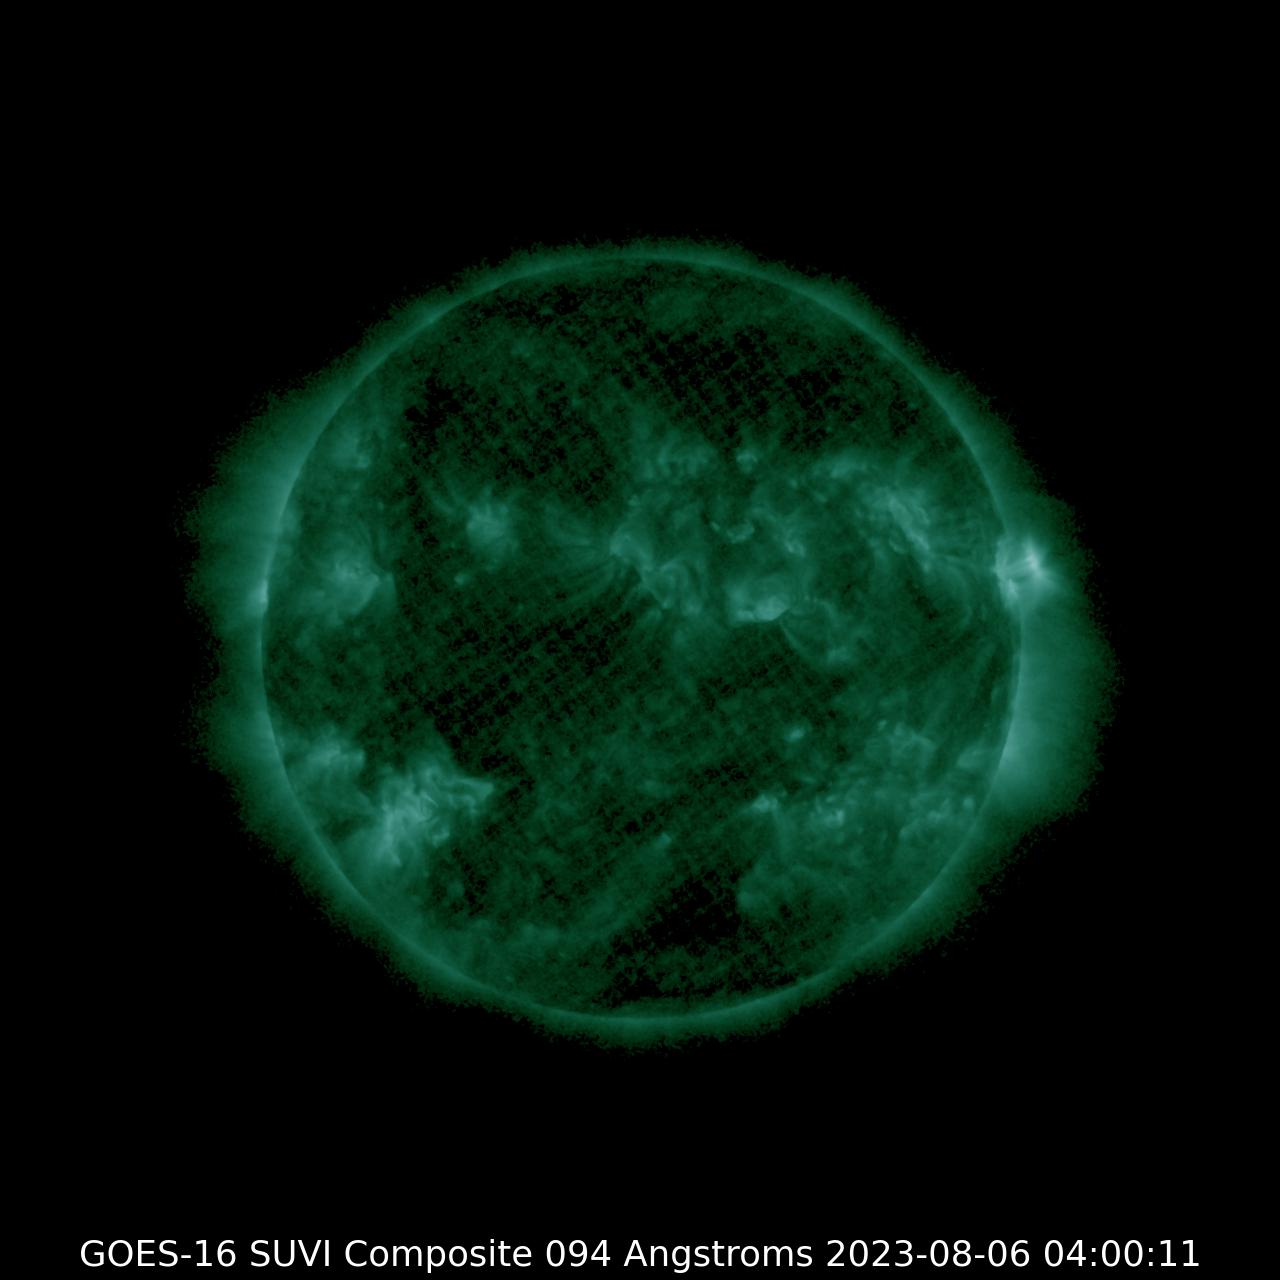 GOES-16 SUVI 094